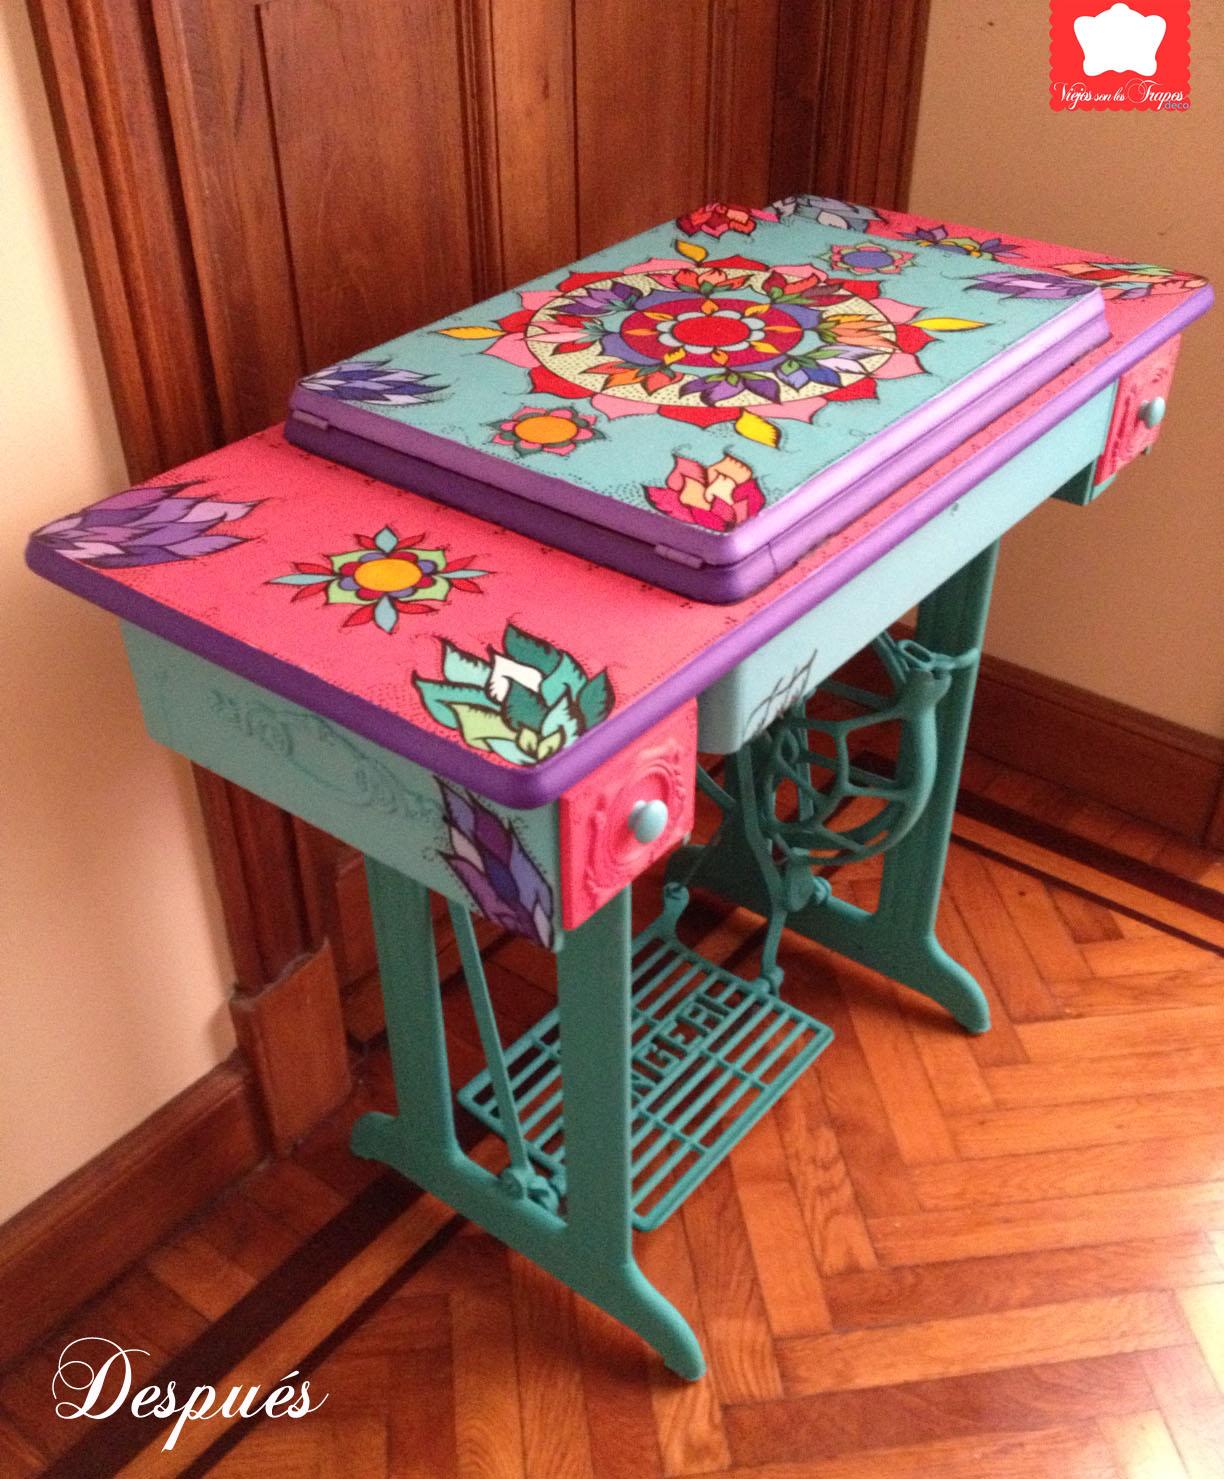 Reciclado de muebles antiguos imagenes - Reciclar muebles antiguos ...